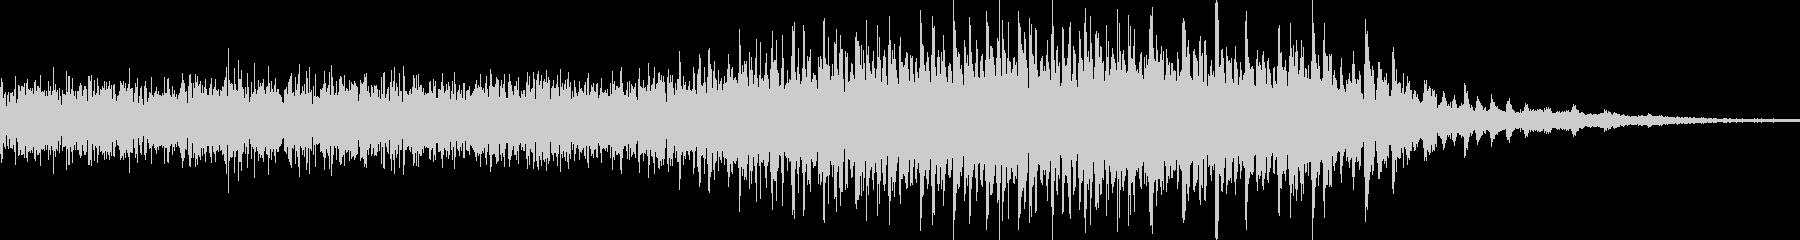 ディーゼルトラック:停止中、シャッ...の未再生の波形